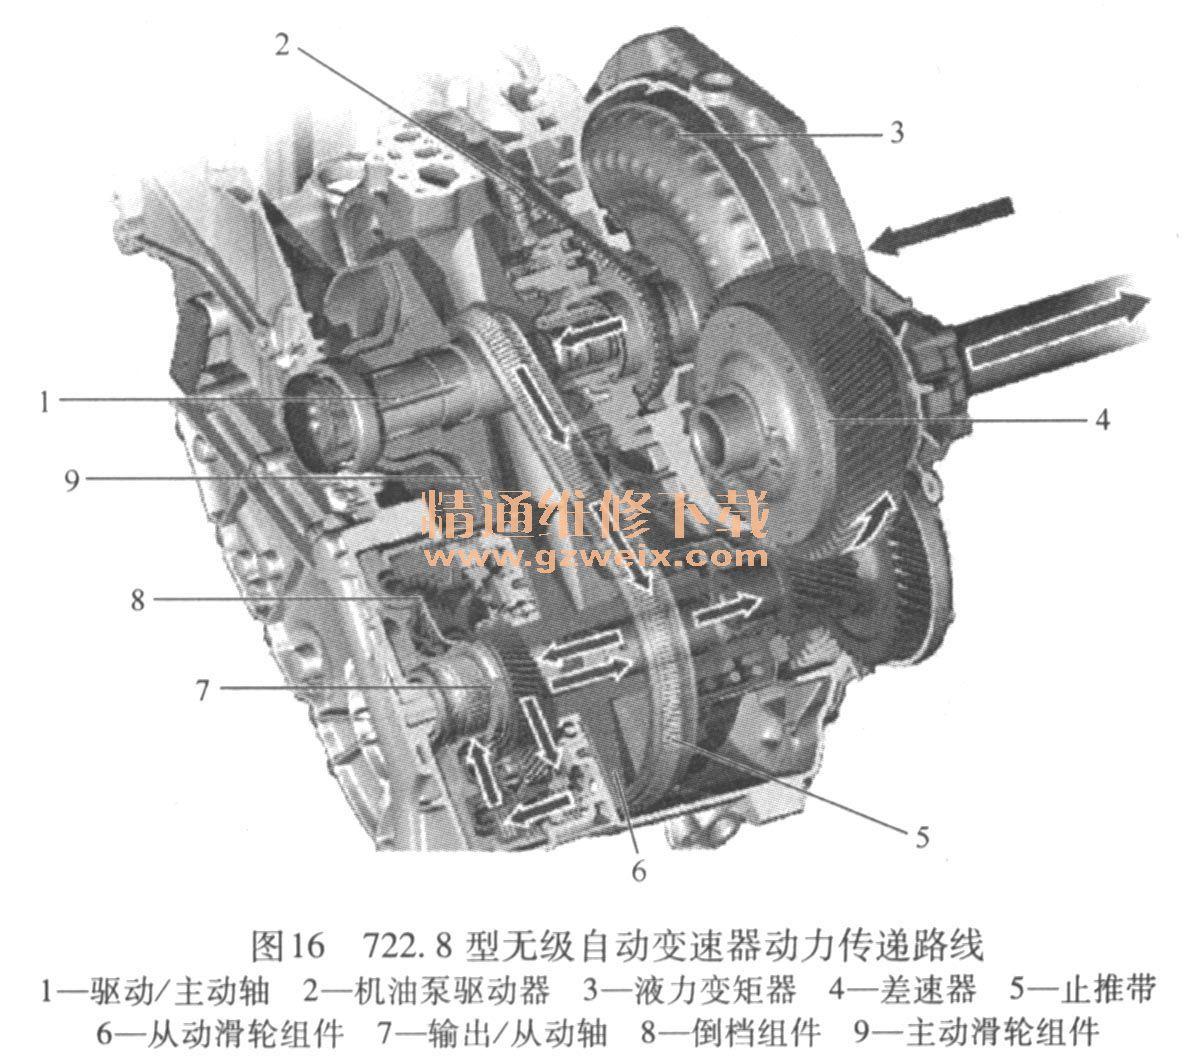 (4) 722.8型无极自动变速器的结构特点 1)车型应用。以前在W169/W245车型上使用的前置自动变速器(FAT)被无极自动变速器(CVT)所取代。722.8型无极自动变速器的车型应用见表7。  2)型号说明。722.8型无级自动变速器的型号说明见图13。  3)机械结构。722.8型无级自动变速器的部件及安装位置见图14。  722.